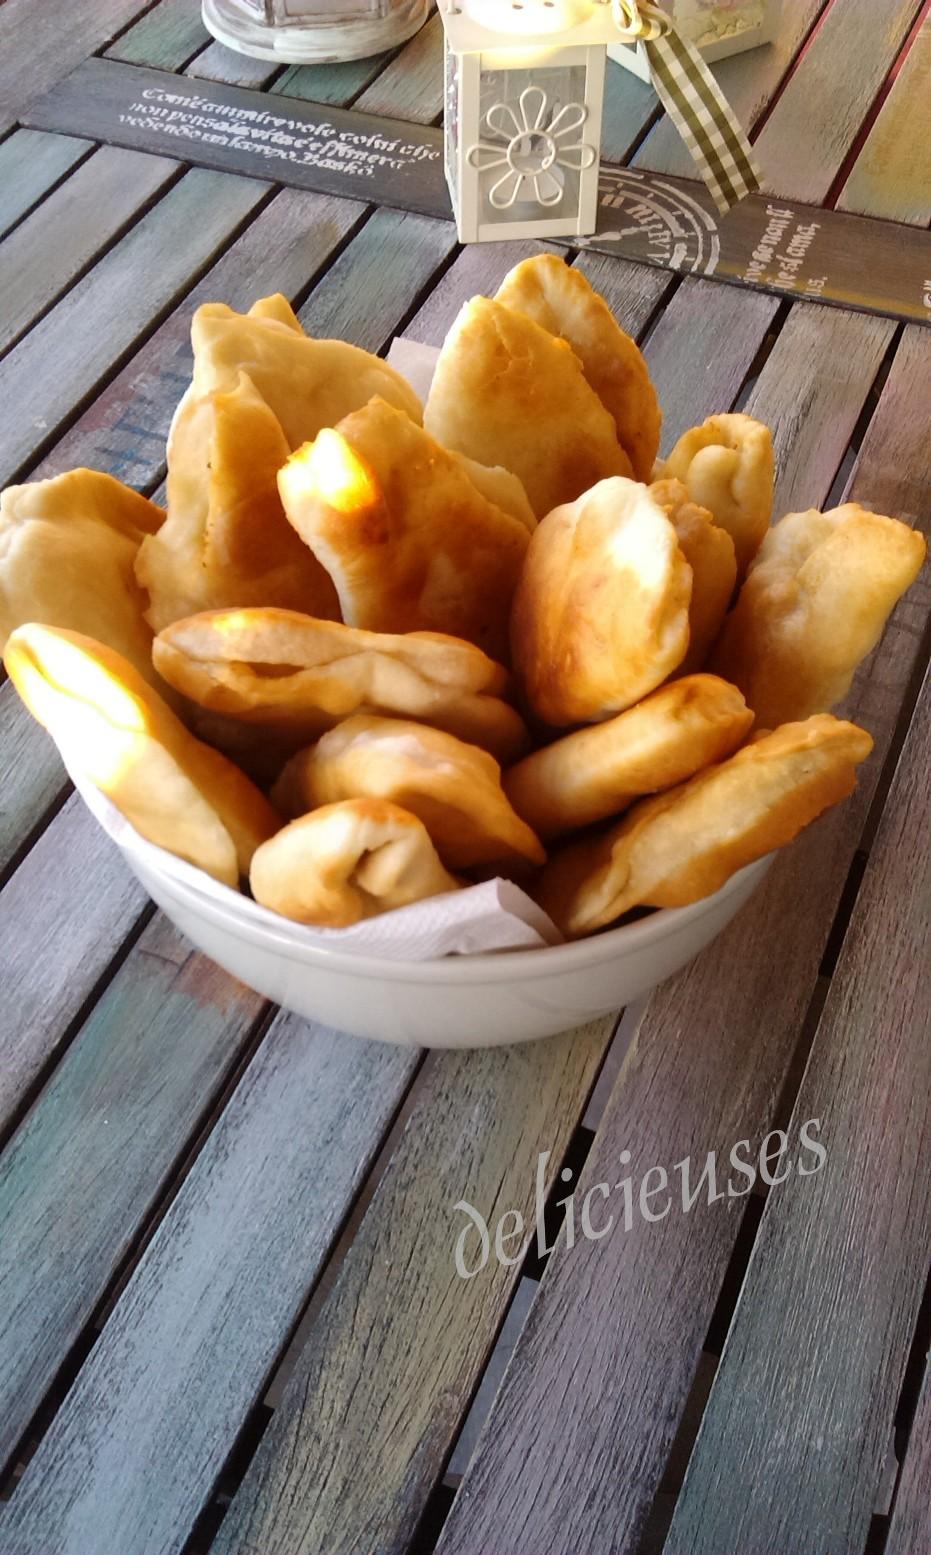 Νηστίσιμα πιροσκί πατάτας 6gzc3p